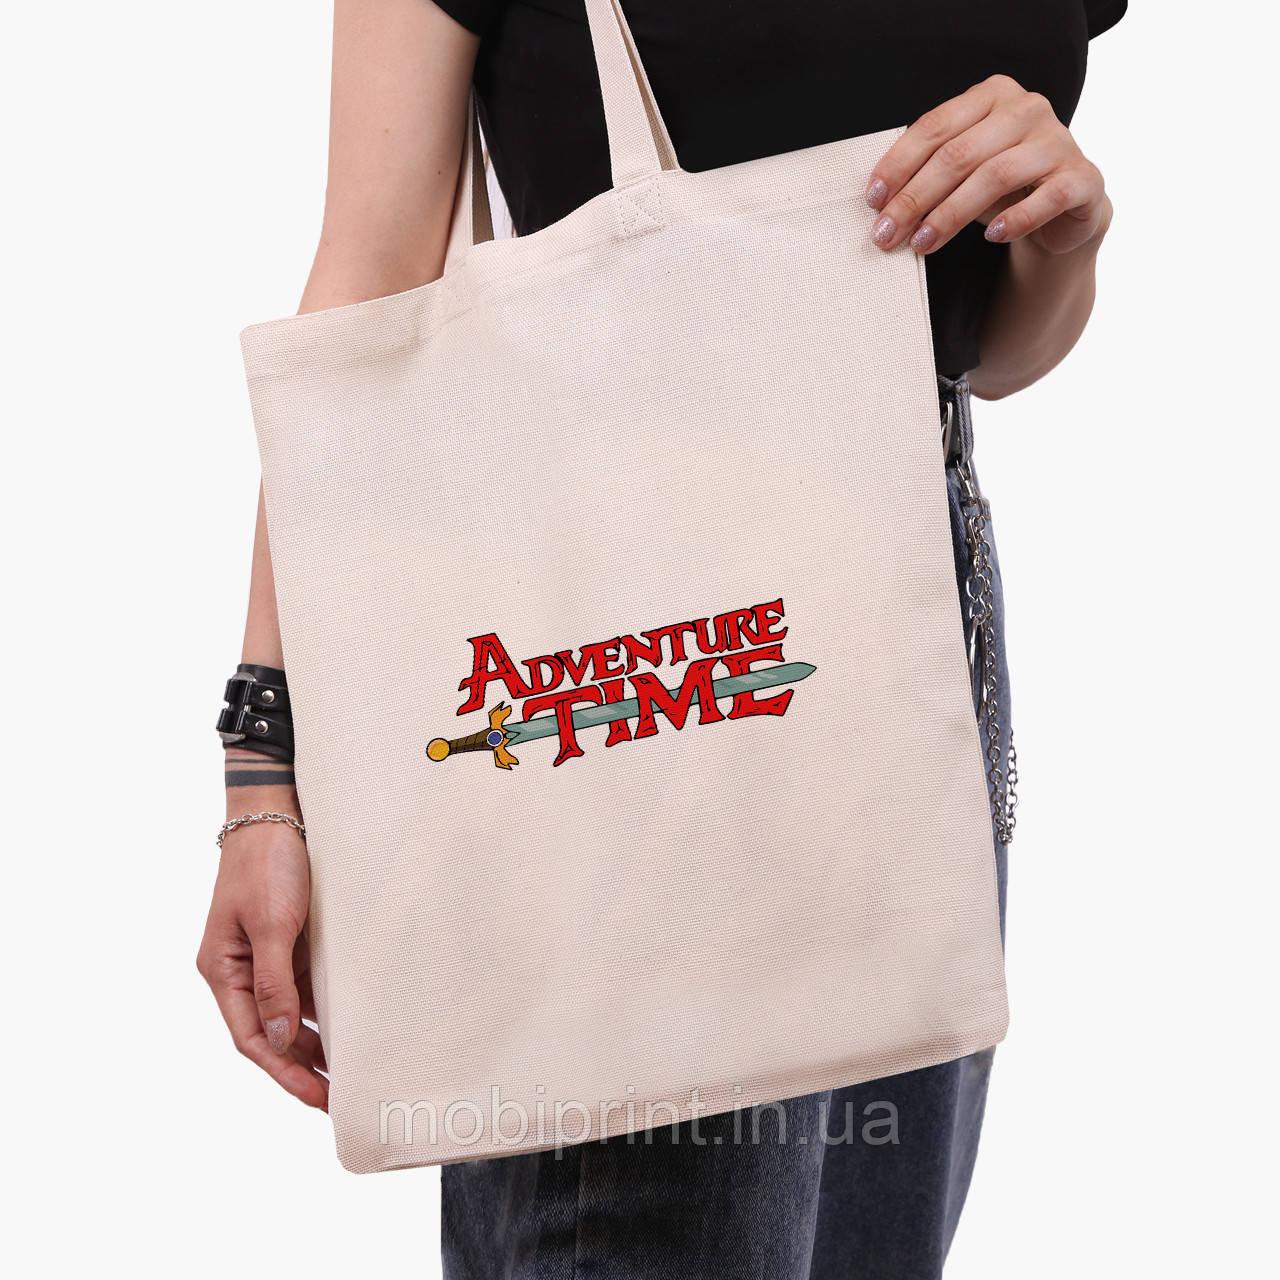 Еко сумка шоппер Час пригоди (Adventure Time) (9227-1582) екосумка шопер 41*35 см